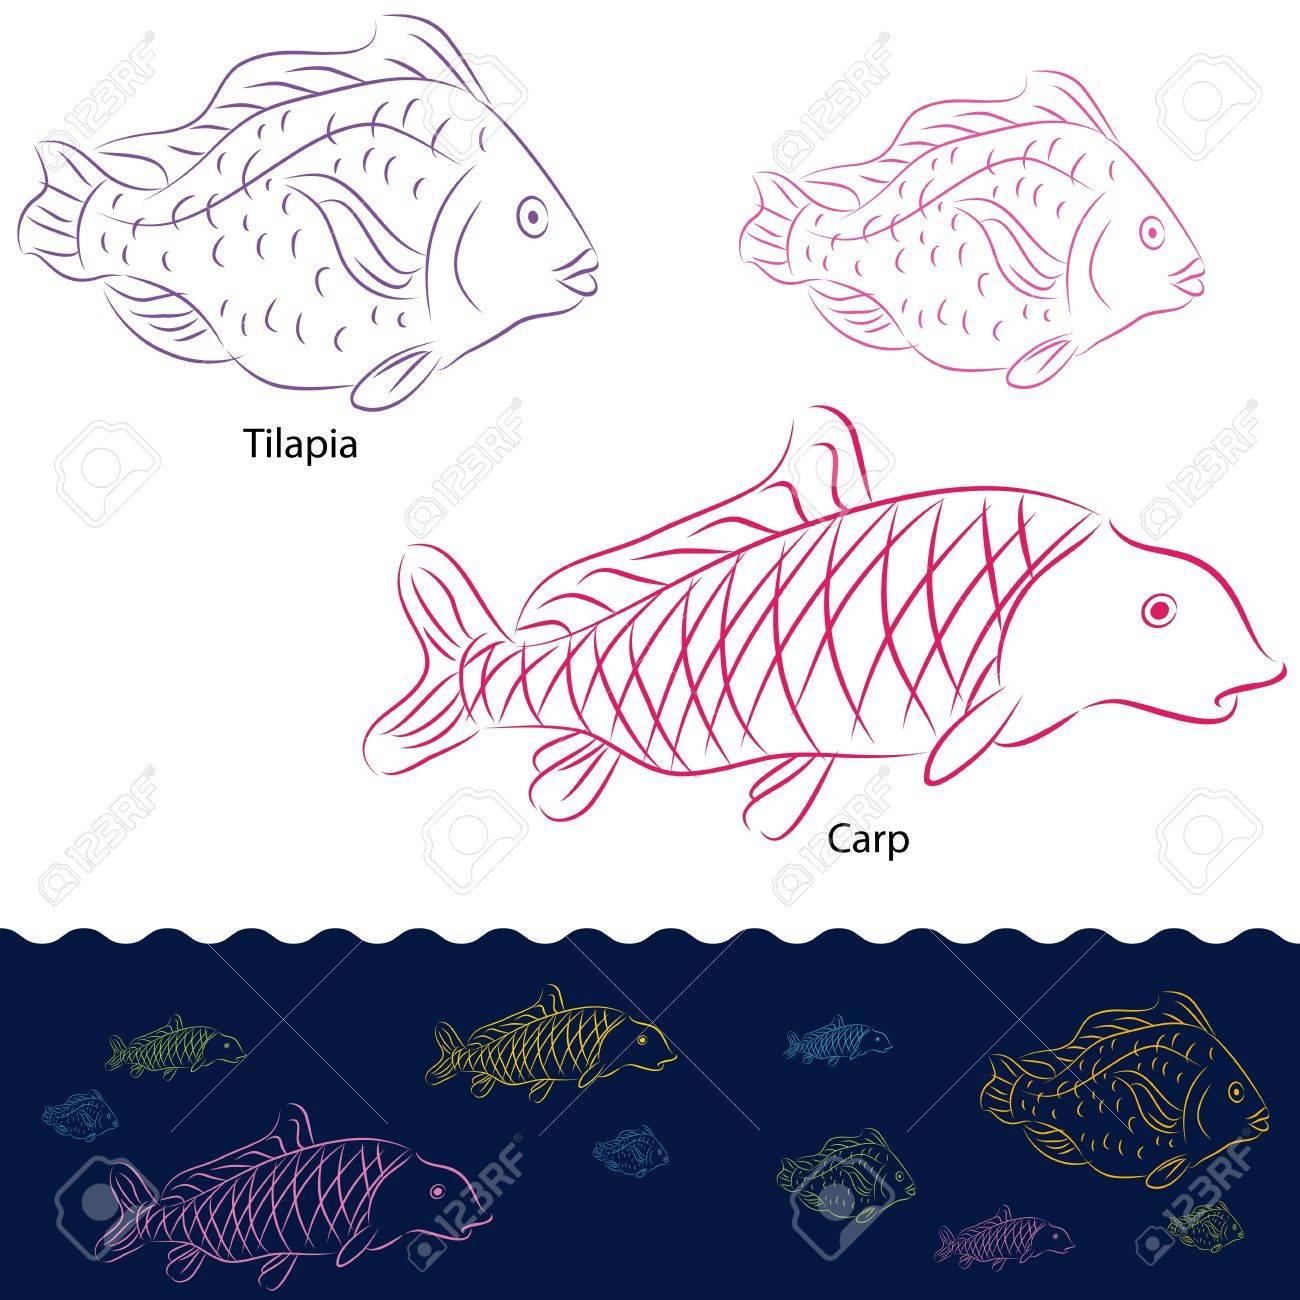 An image of a tilapia and carp fish set. Stock Vector - 12963413